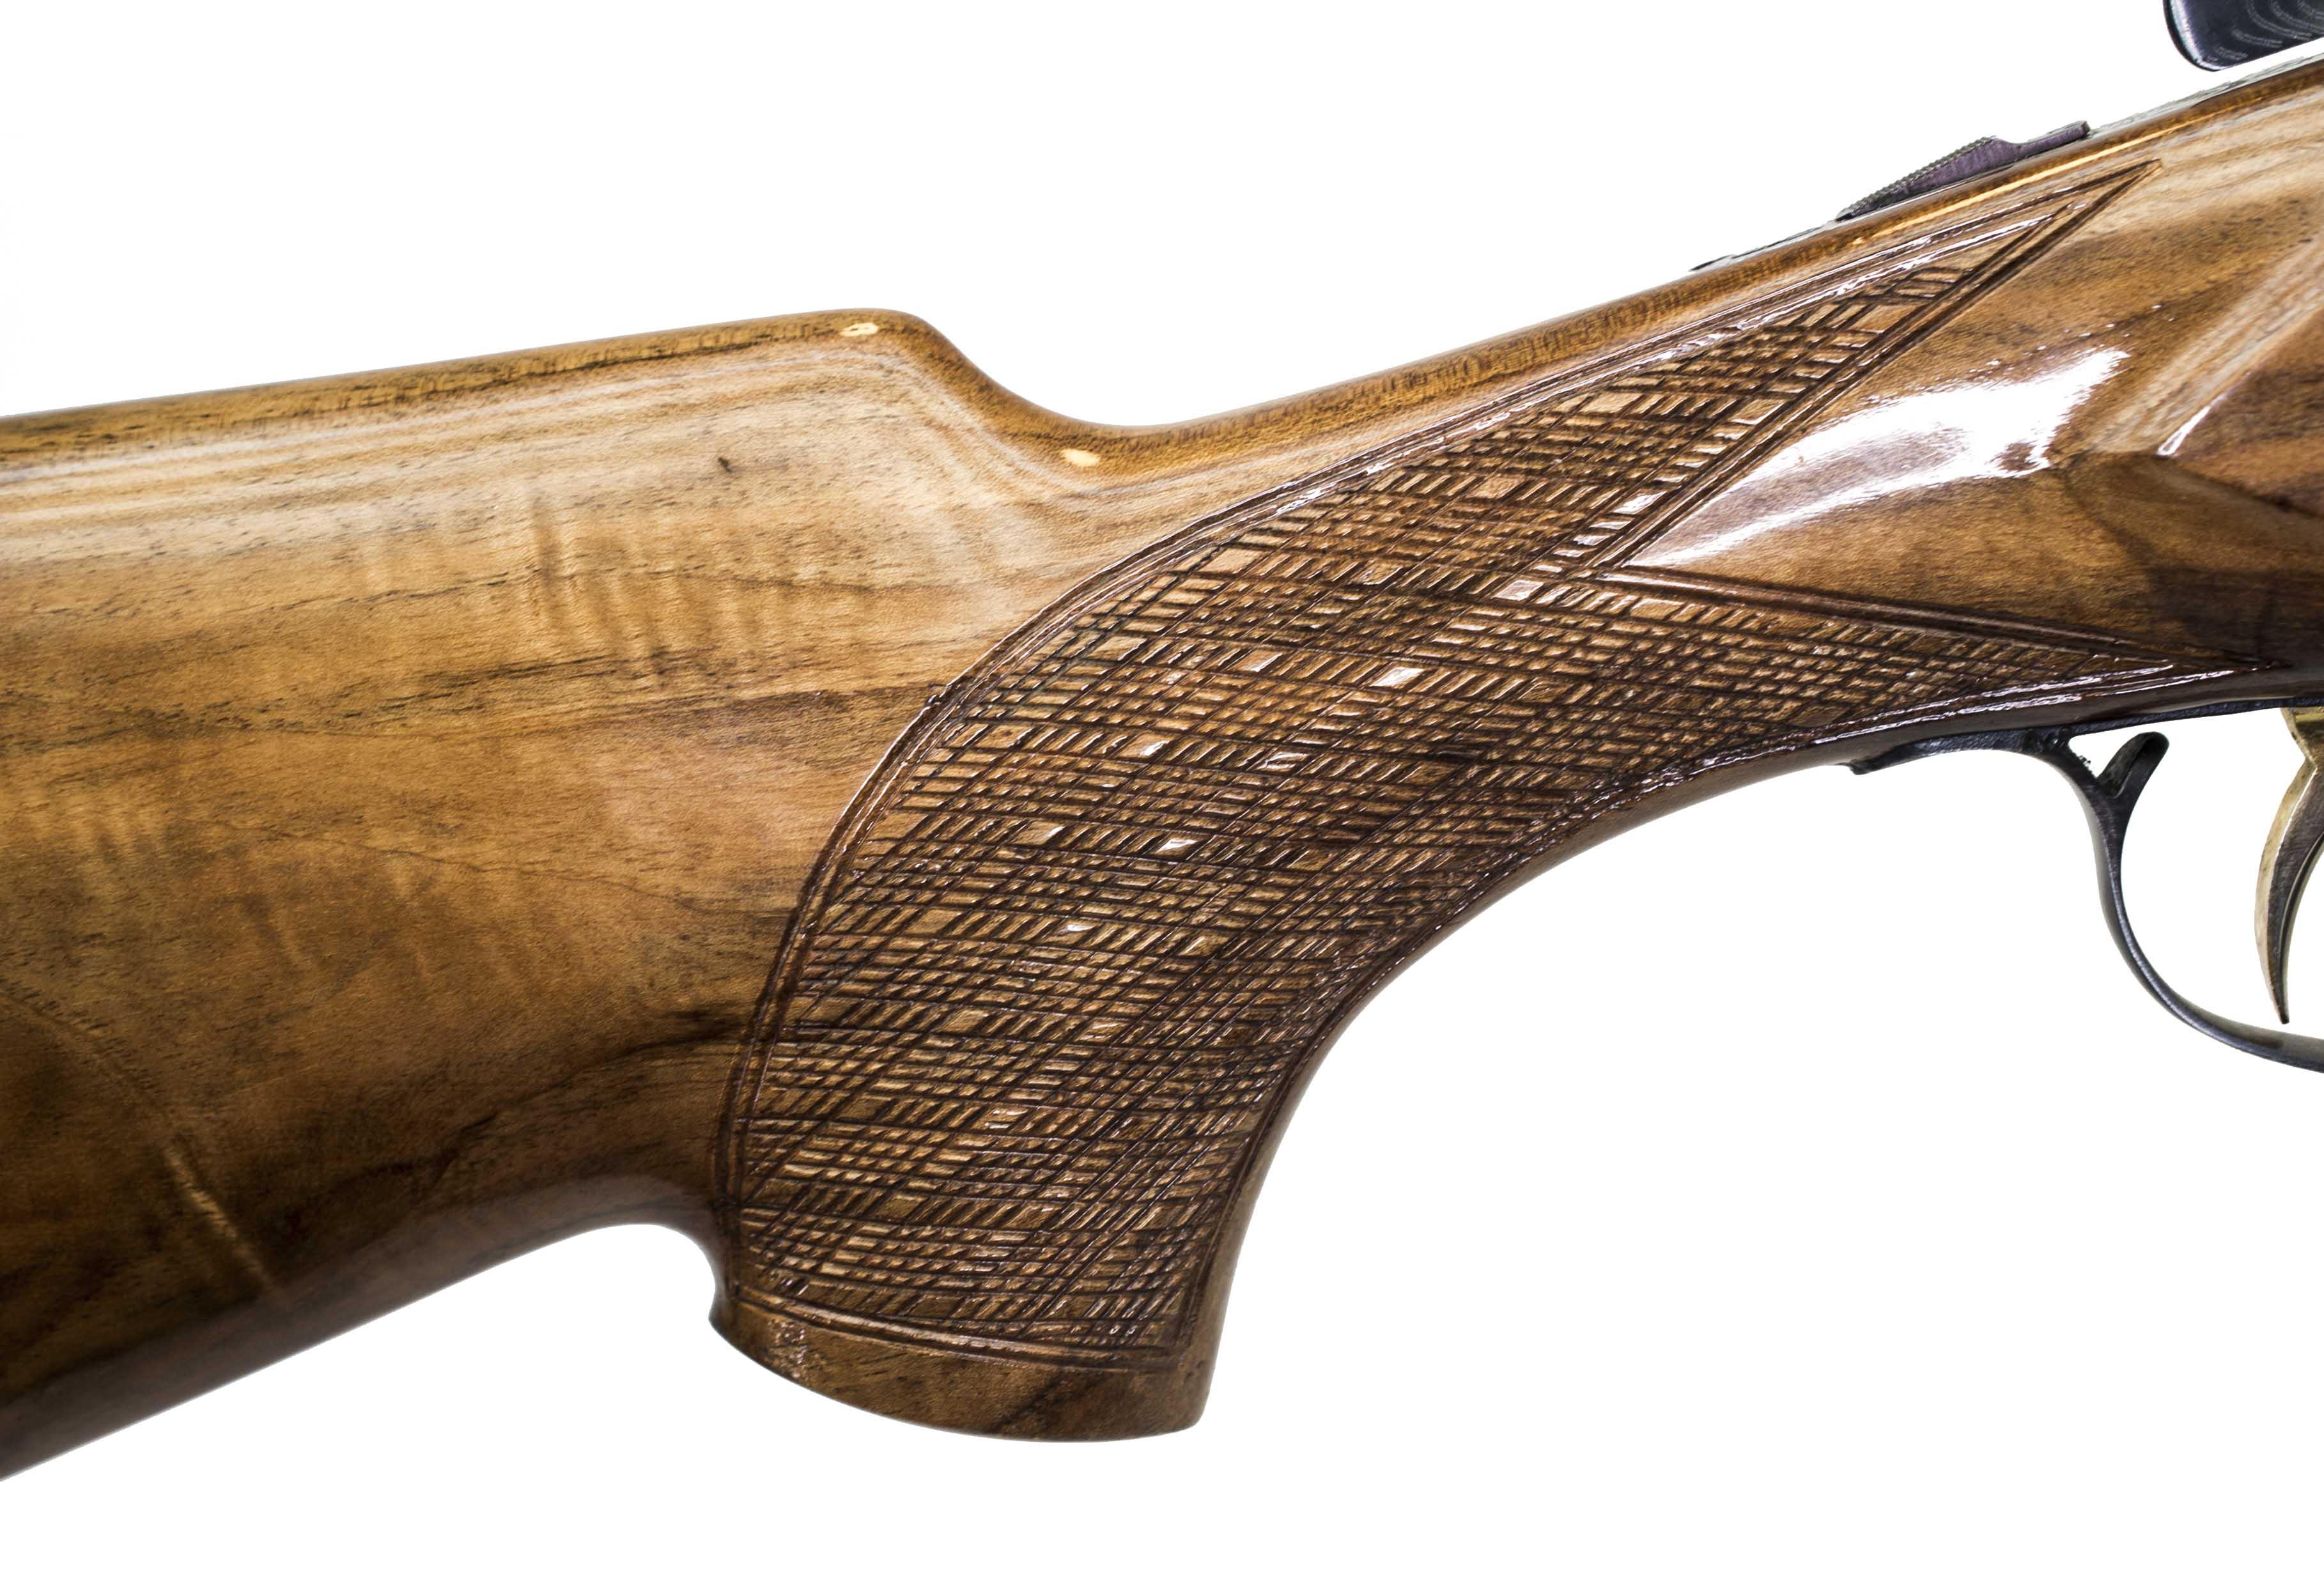 EIBAR LAURONA SHOTGUN 12GA (Auction ID: 6416725, End Time : Dec  30